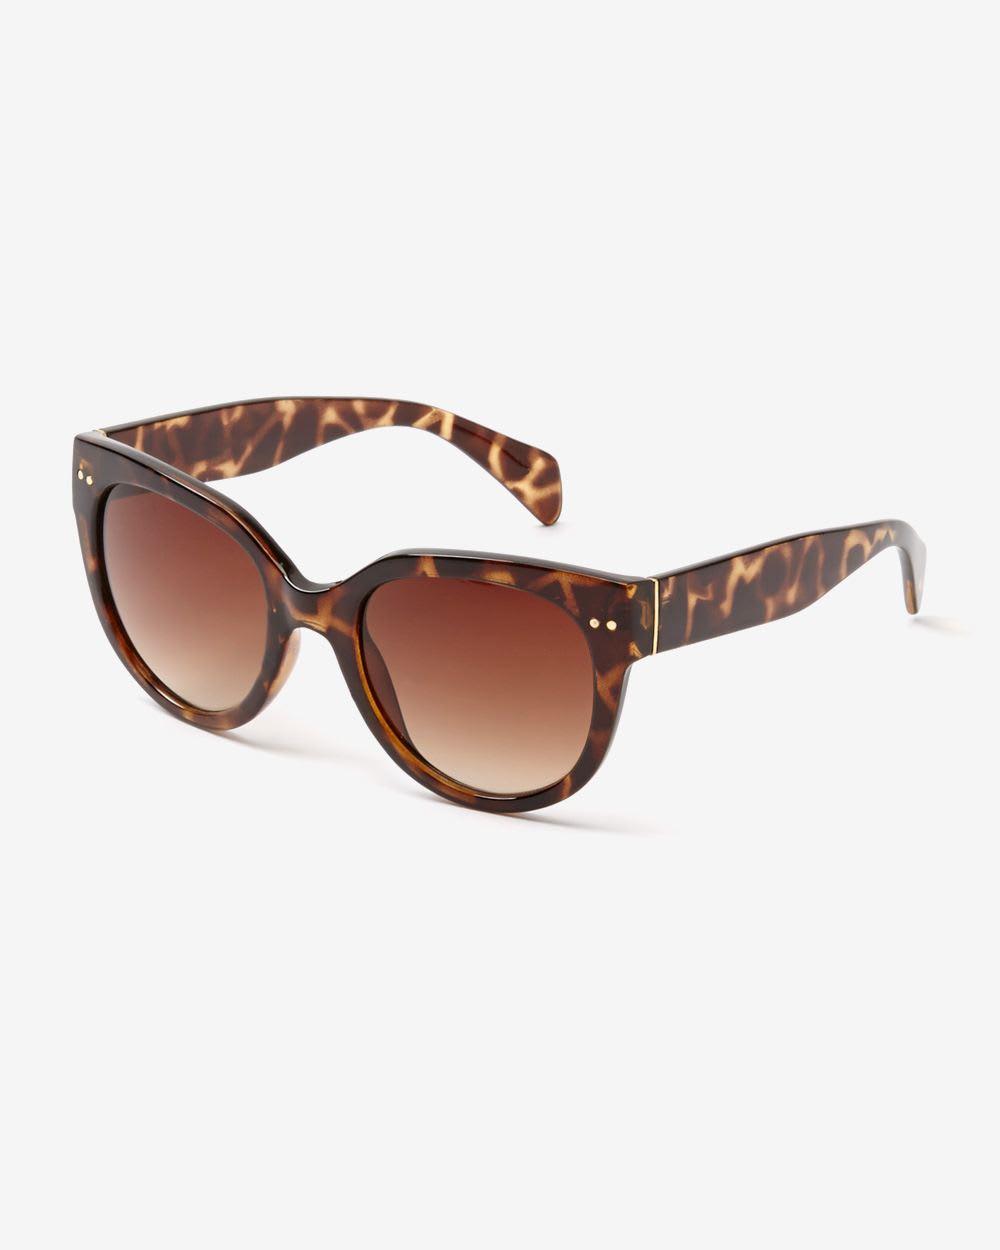 5fc5cdec5c11 Cat Eye Sunglasses